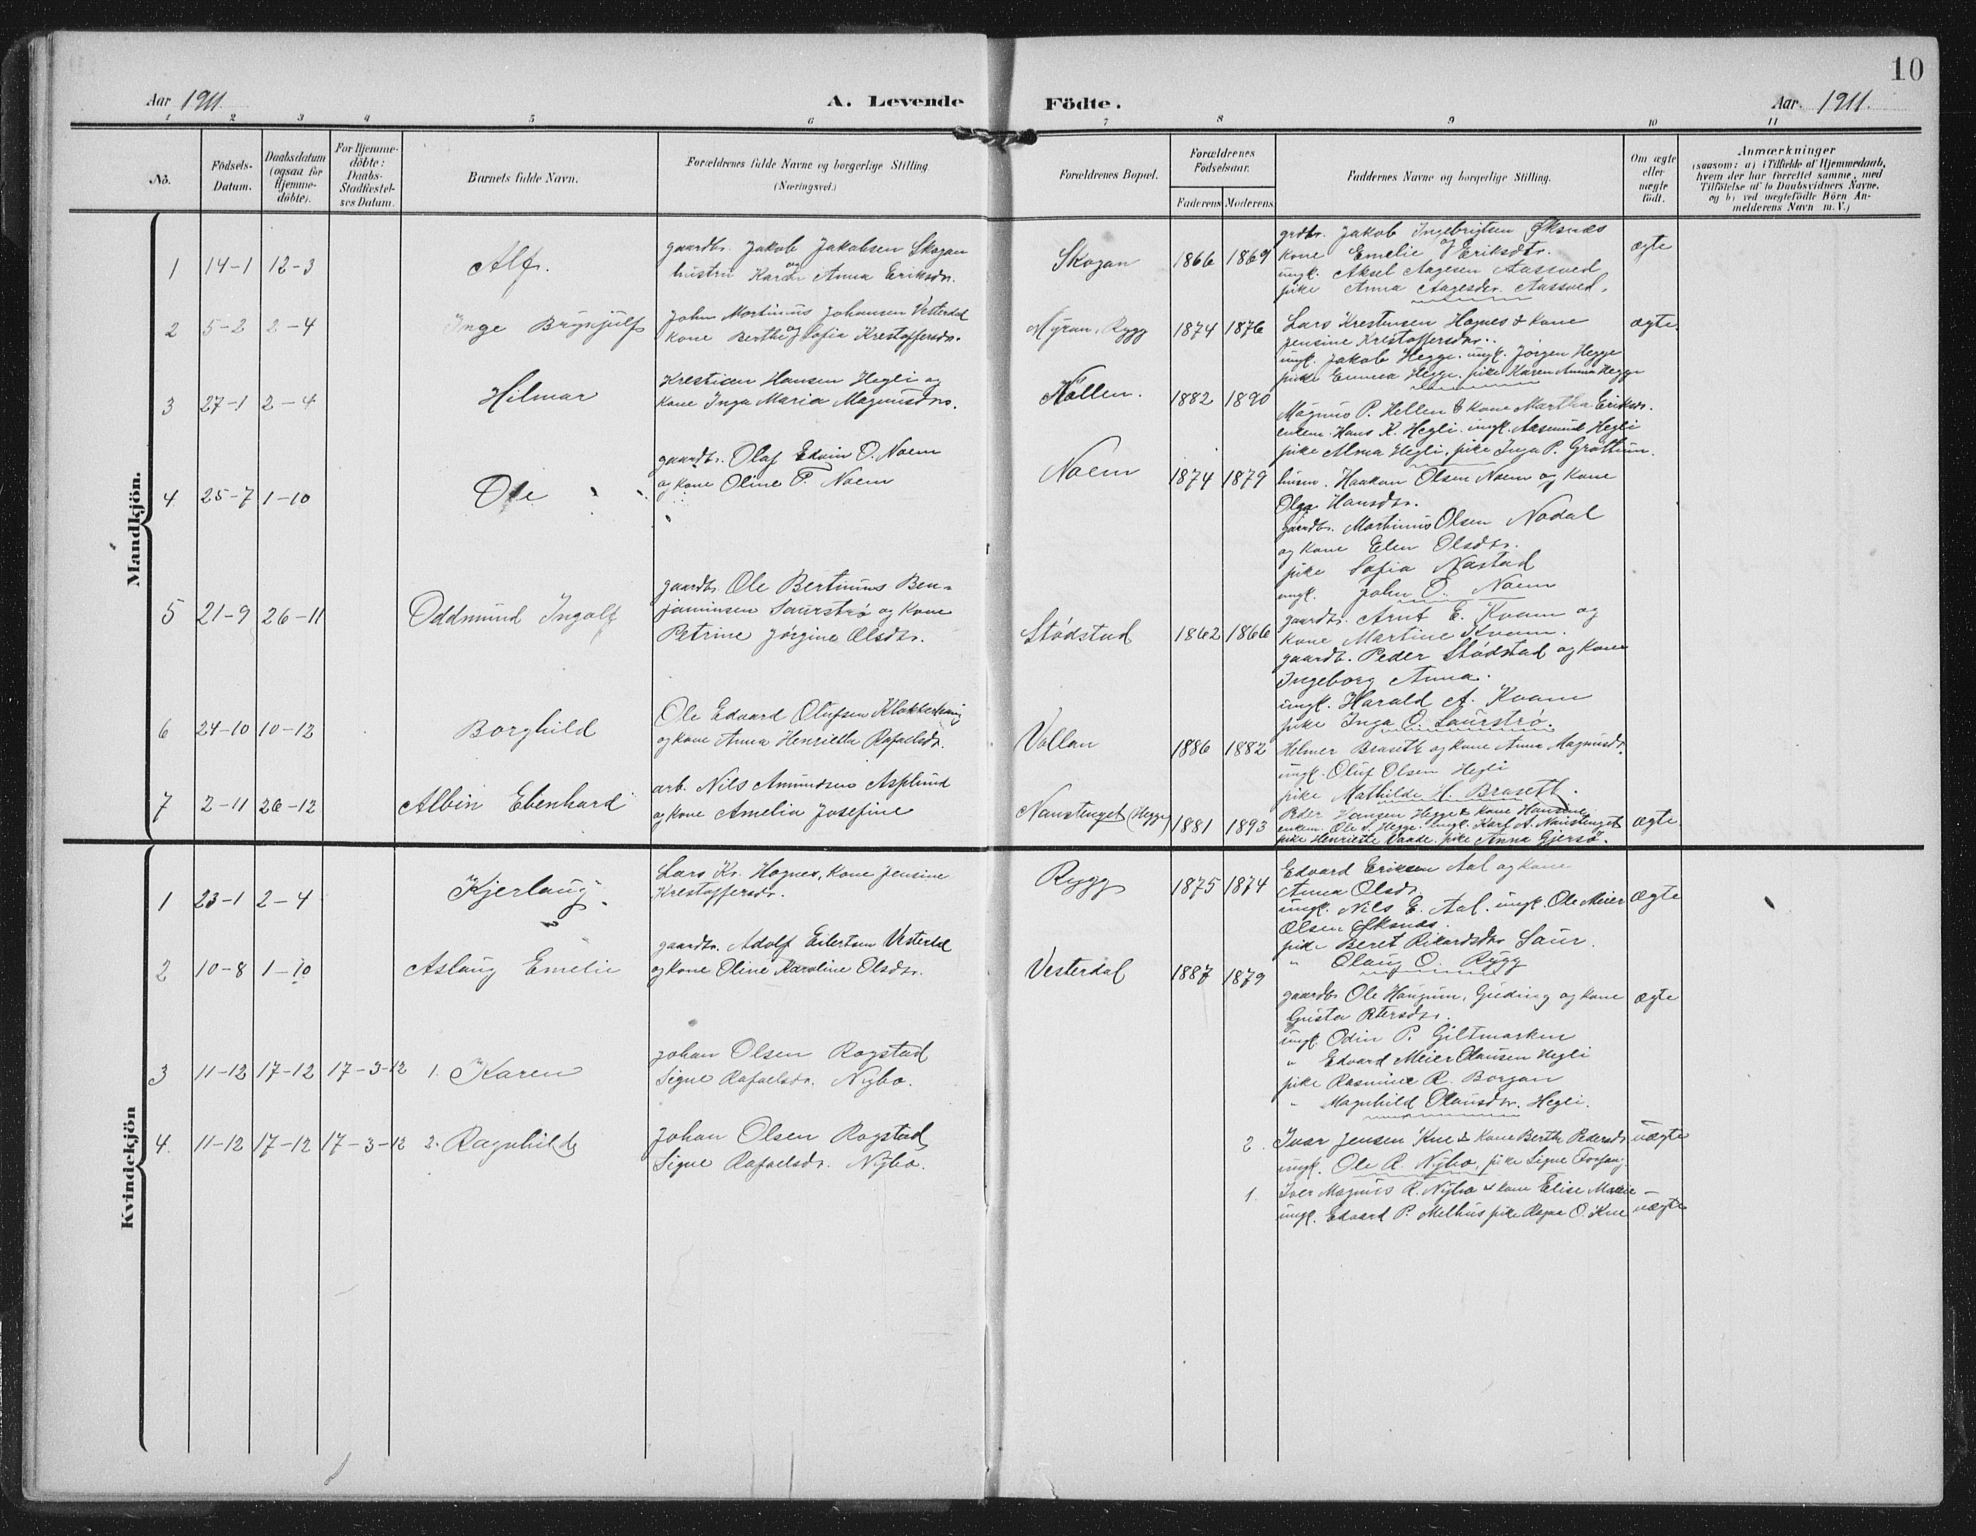 SAT, Ministerialprotokoller, klokkerbøker og fødselsregistre - Nord-Trøndelag, 747/L0460: Klokkerbok nr. 747C02, 1908-1939, s. 10